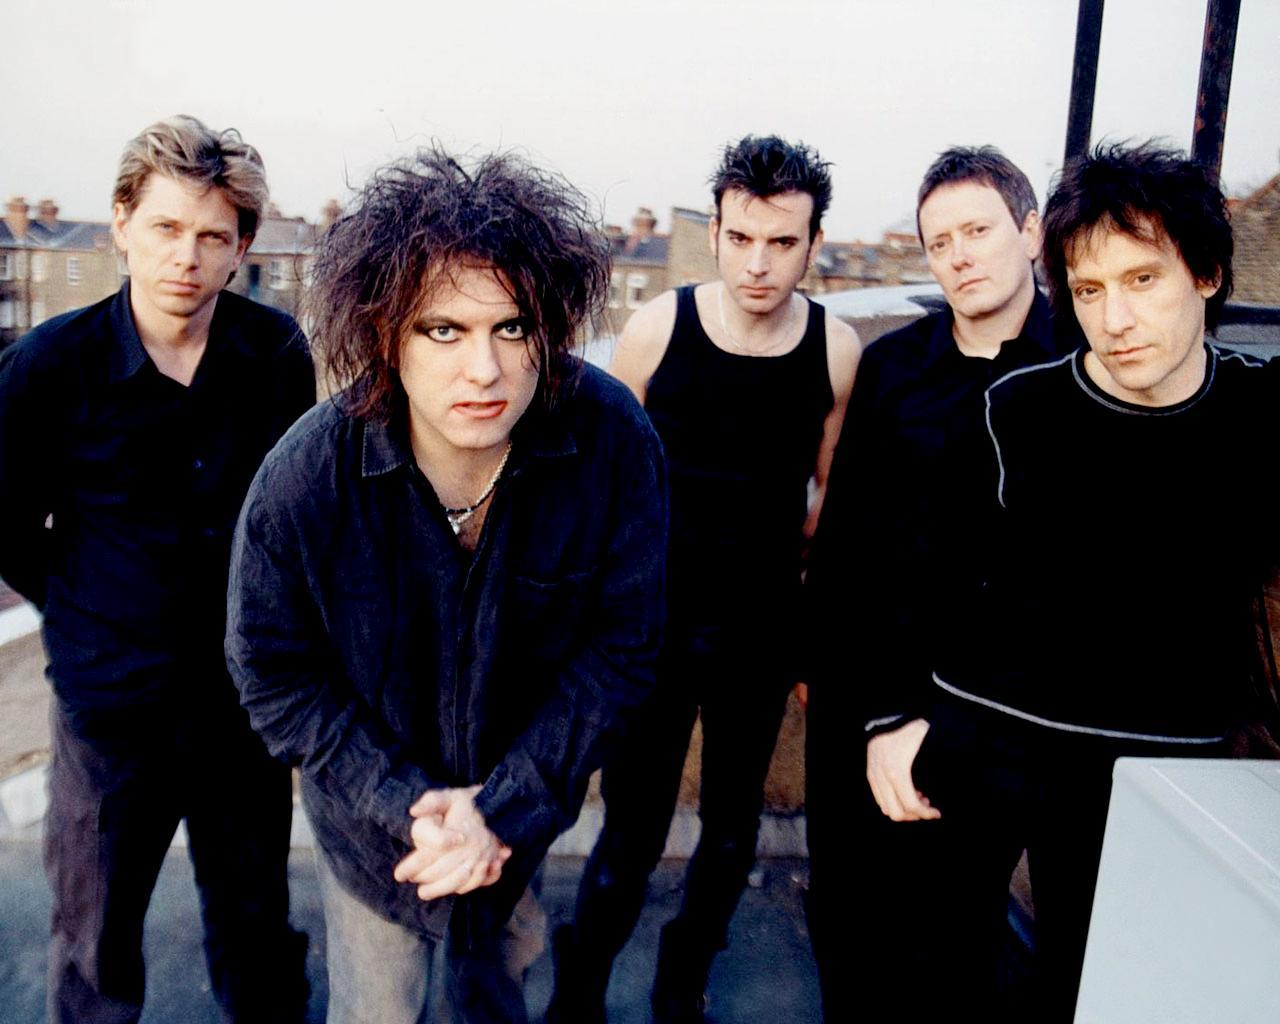 The Cure anuncia nuevo álbum de estudio y serie de DVD's en vivo